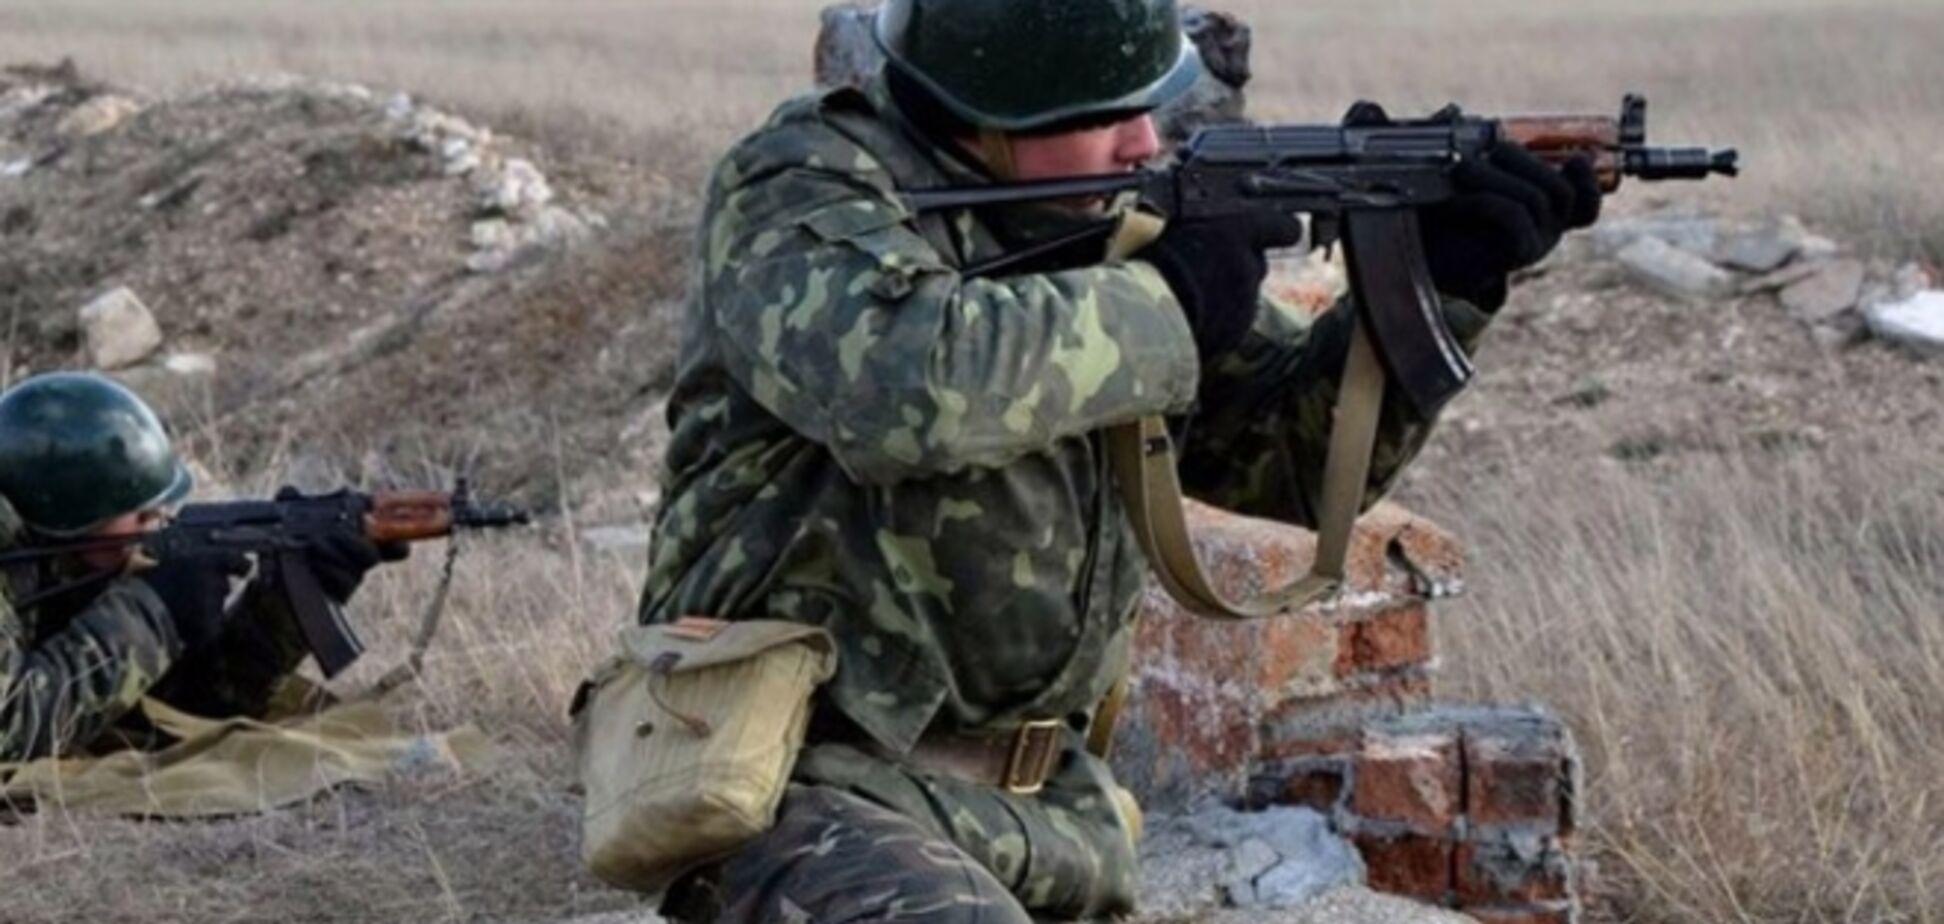 На Луганщине похоронная процессия попала под обстрел - источник